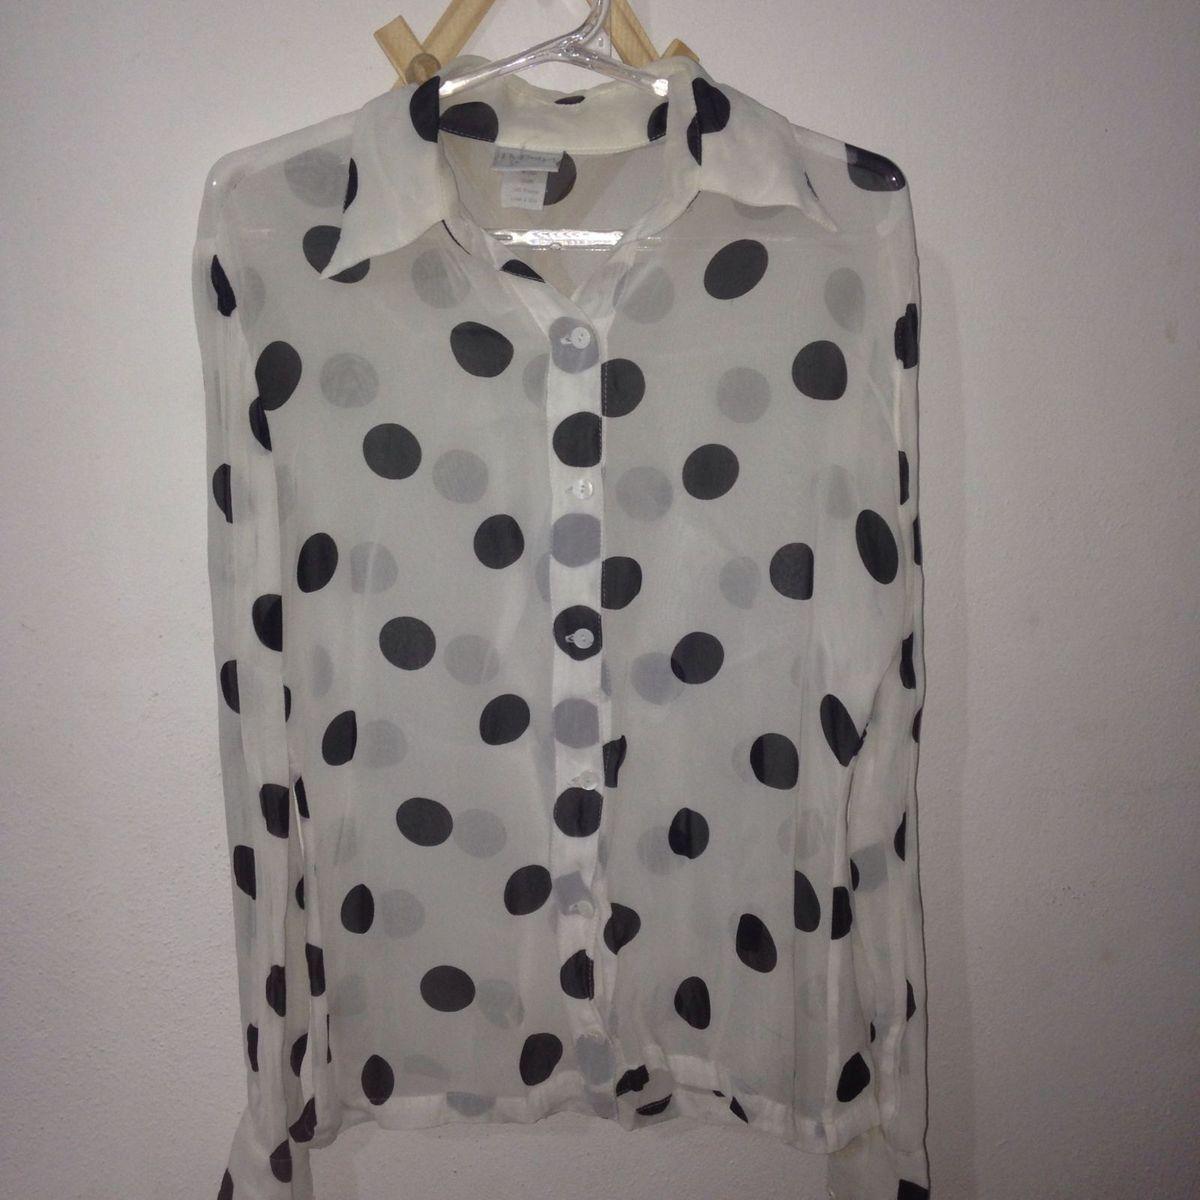 bb441d4ebe Blusa Branca de Bolinha Preta